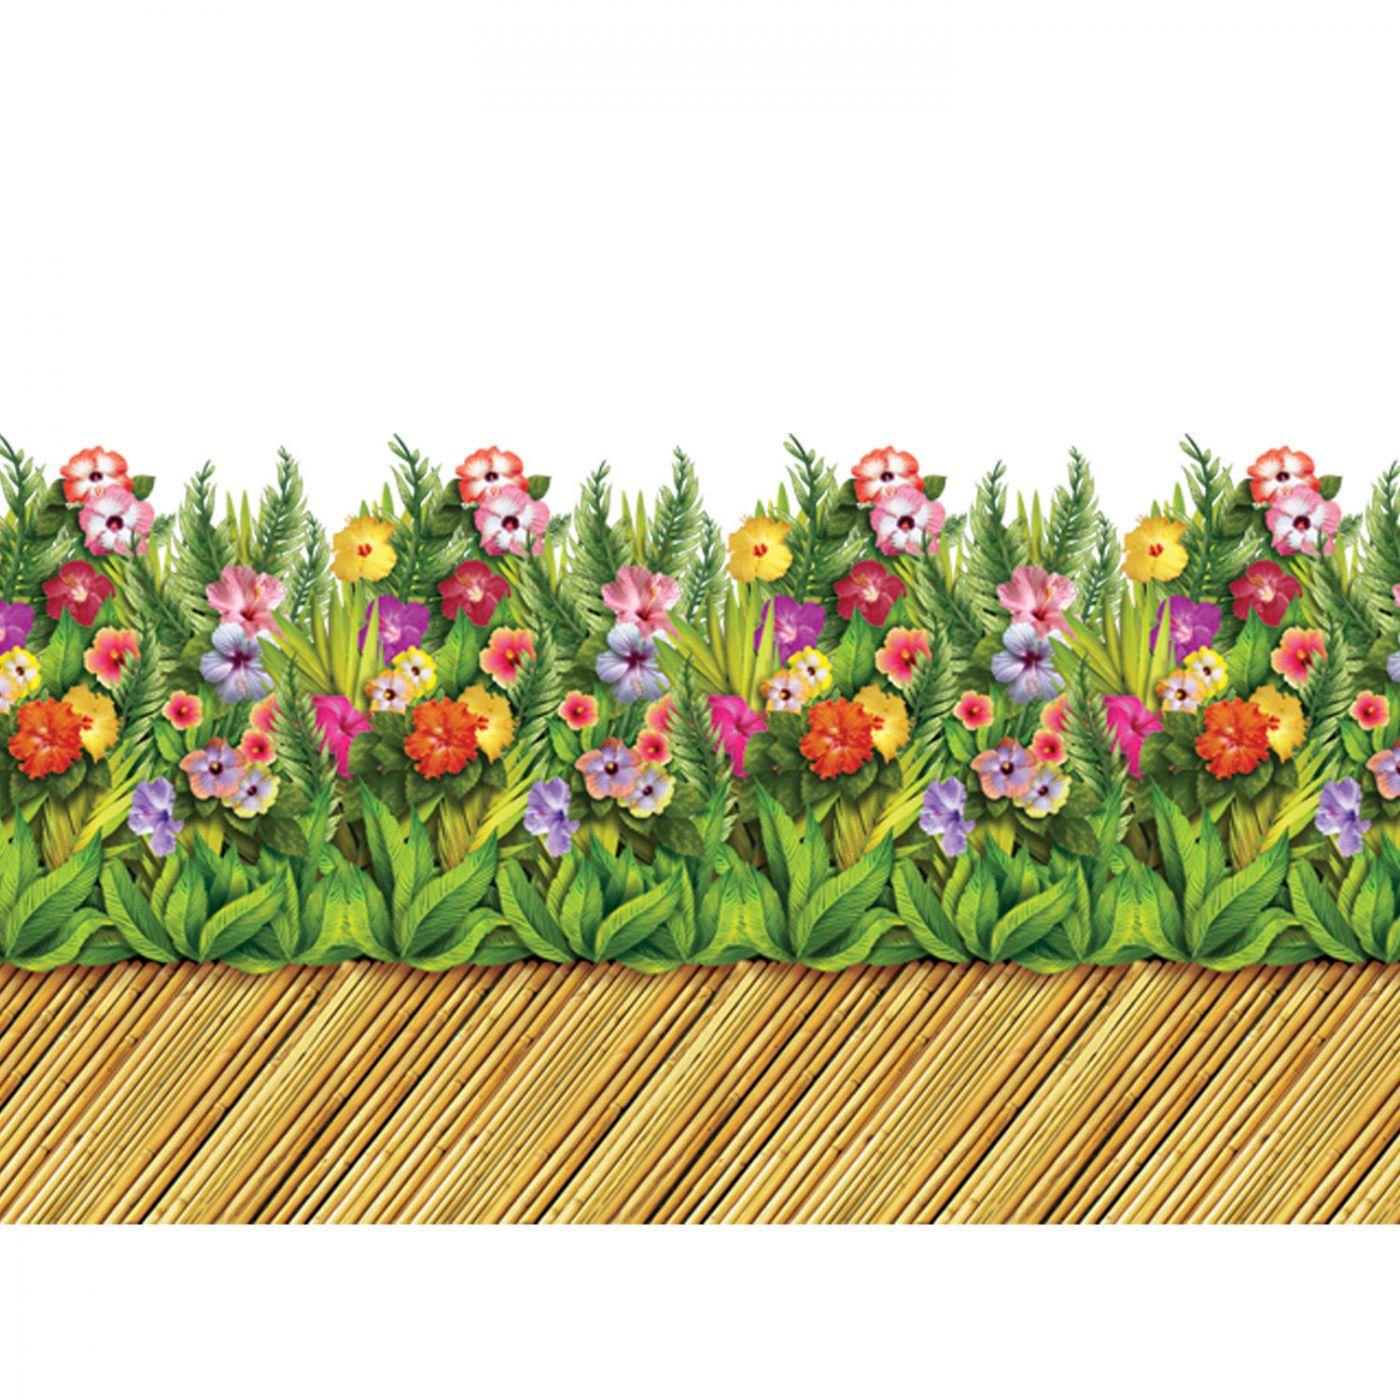 Details zu Tropische Blumen & Bambus Gehweg Szene Einstellung Bordüre